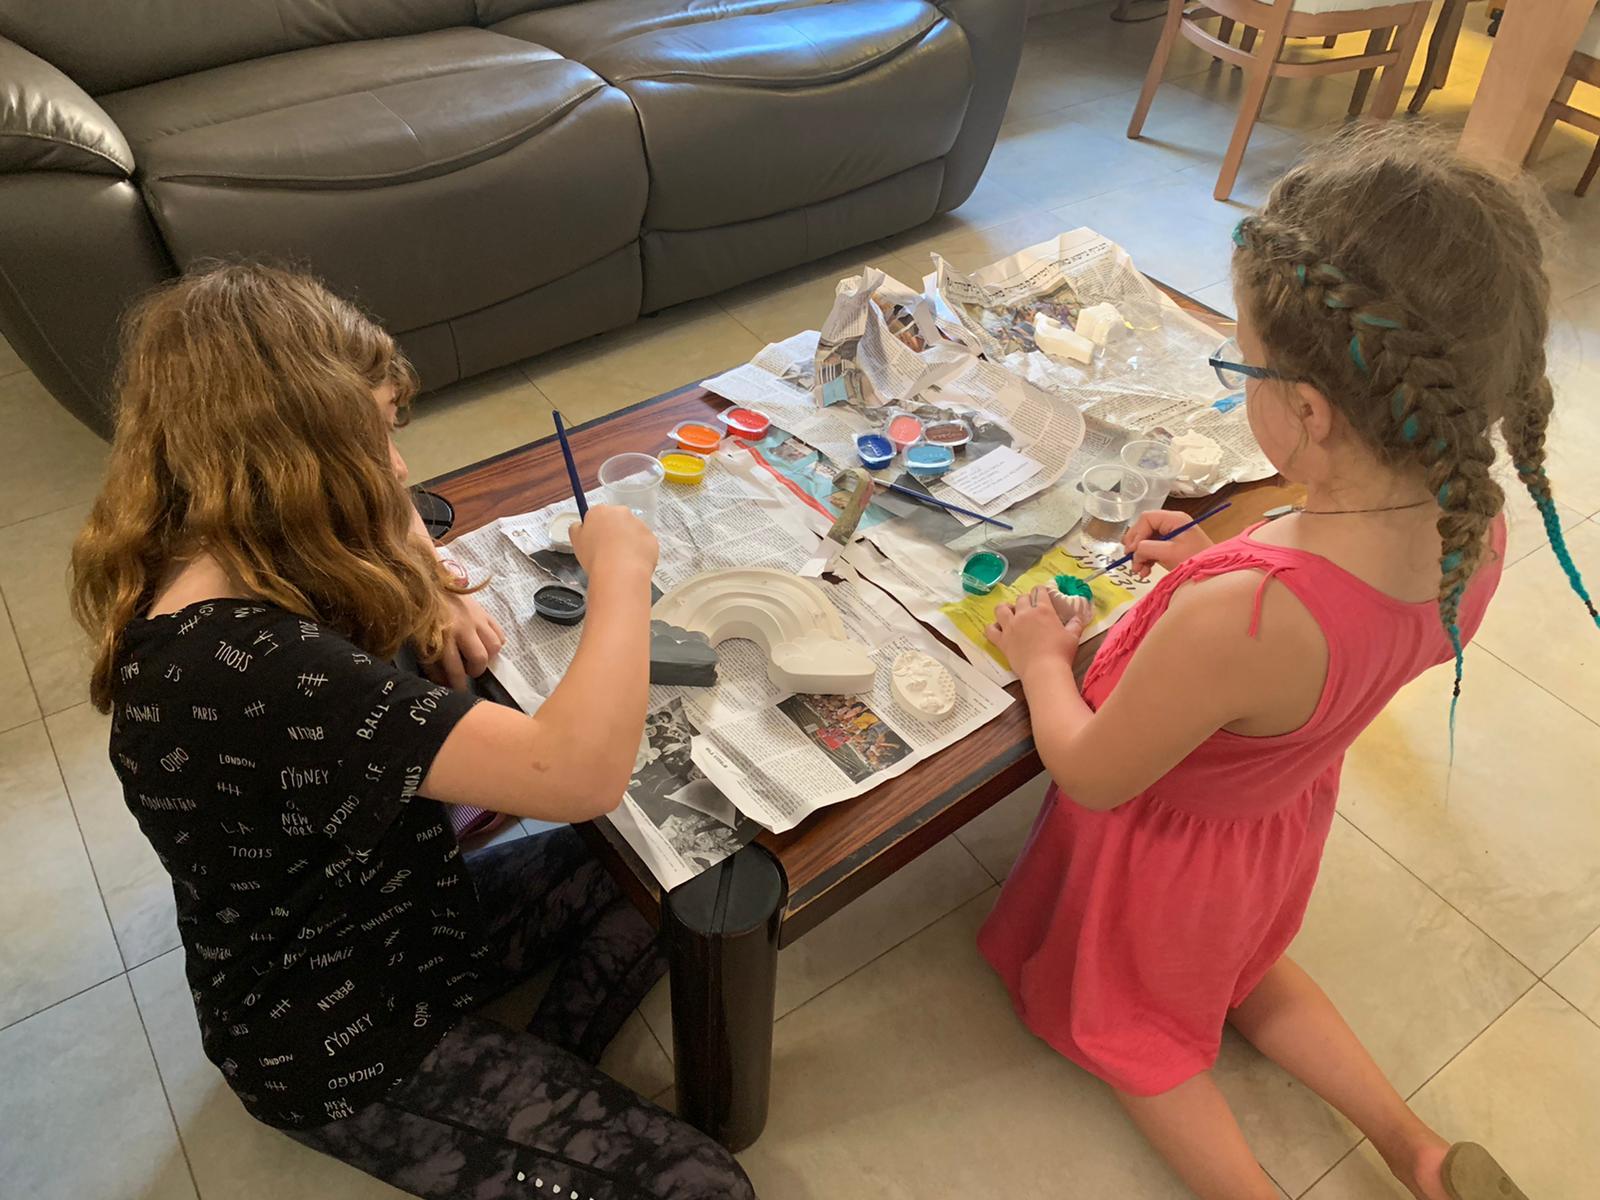 ערכת יצירה לילד יצירת גבס לילדים גבס להפעלת ילדים